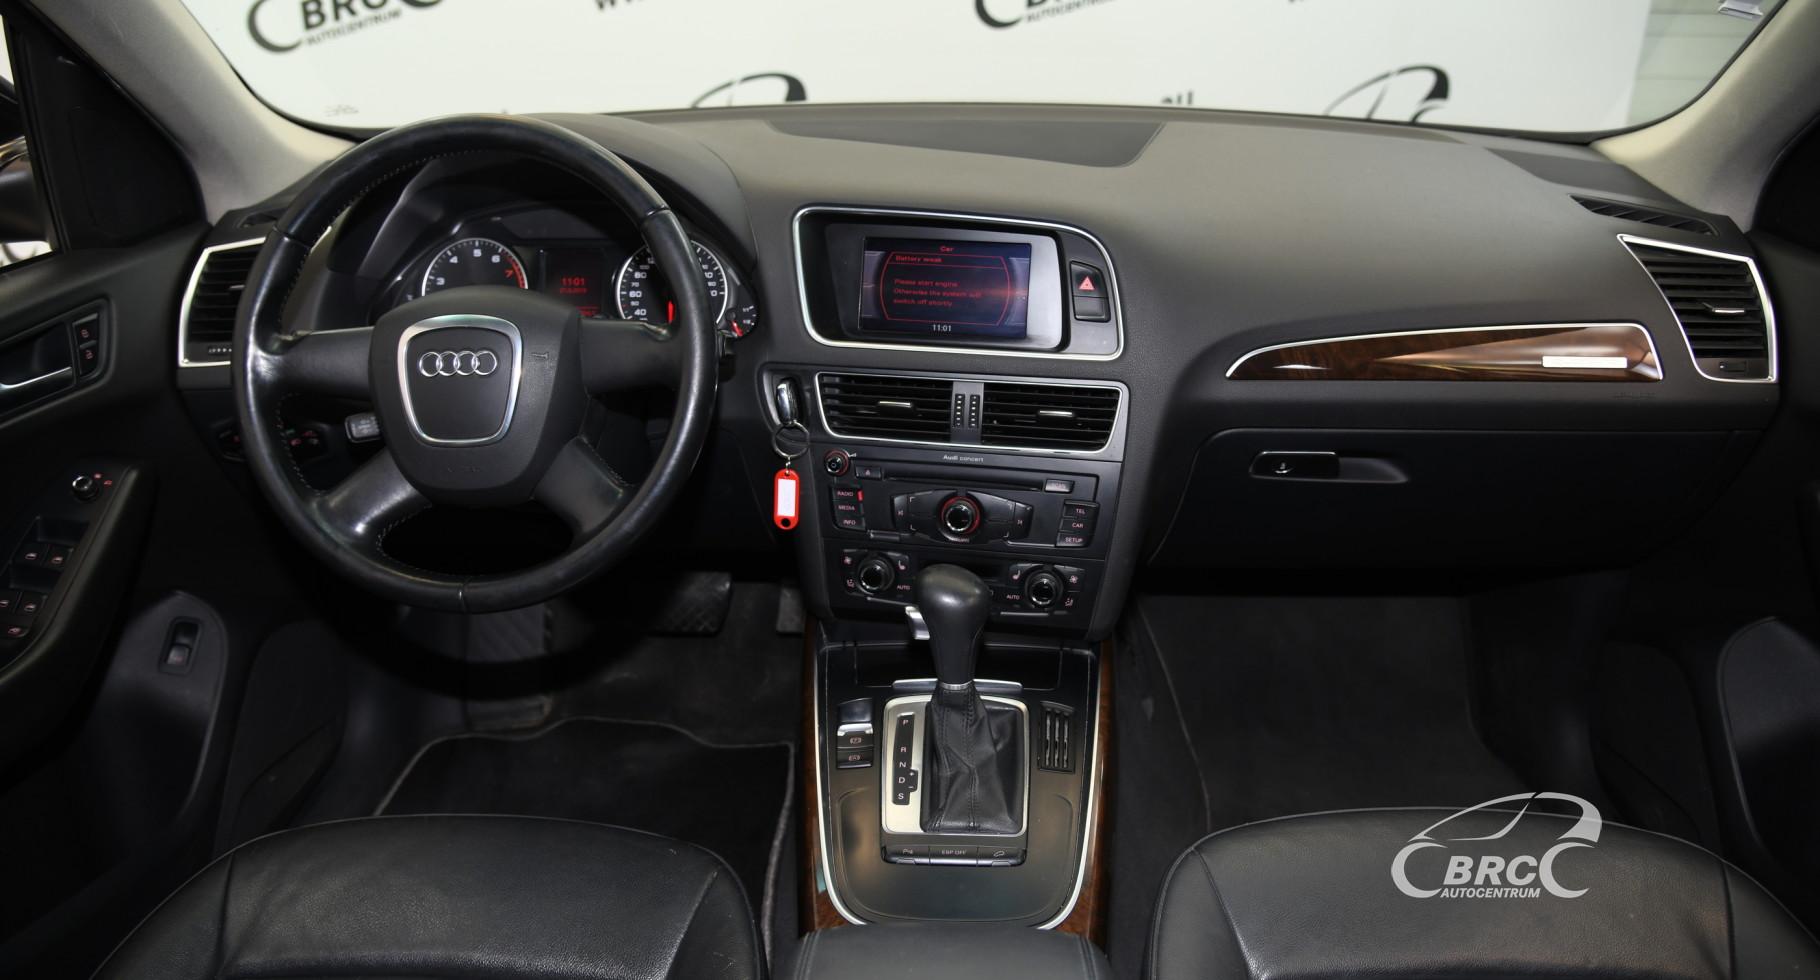 Audi Q5 2.0 TFSI Quattro Automatas